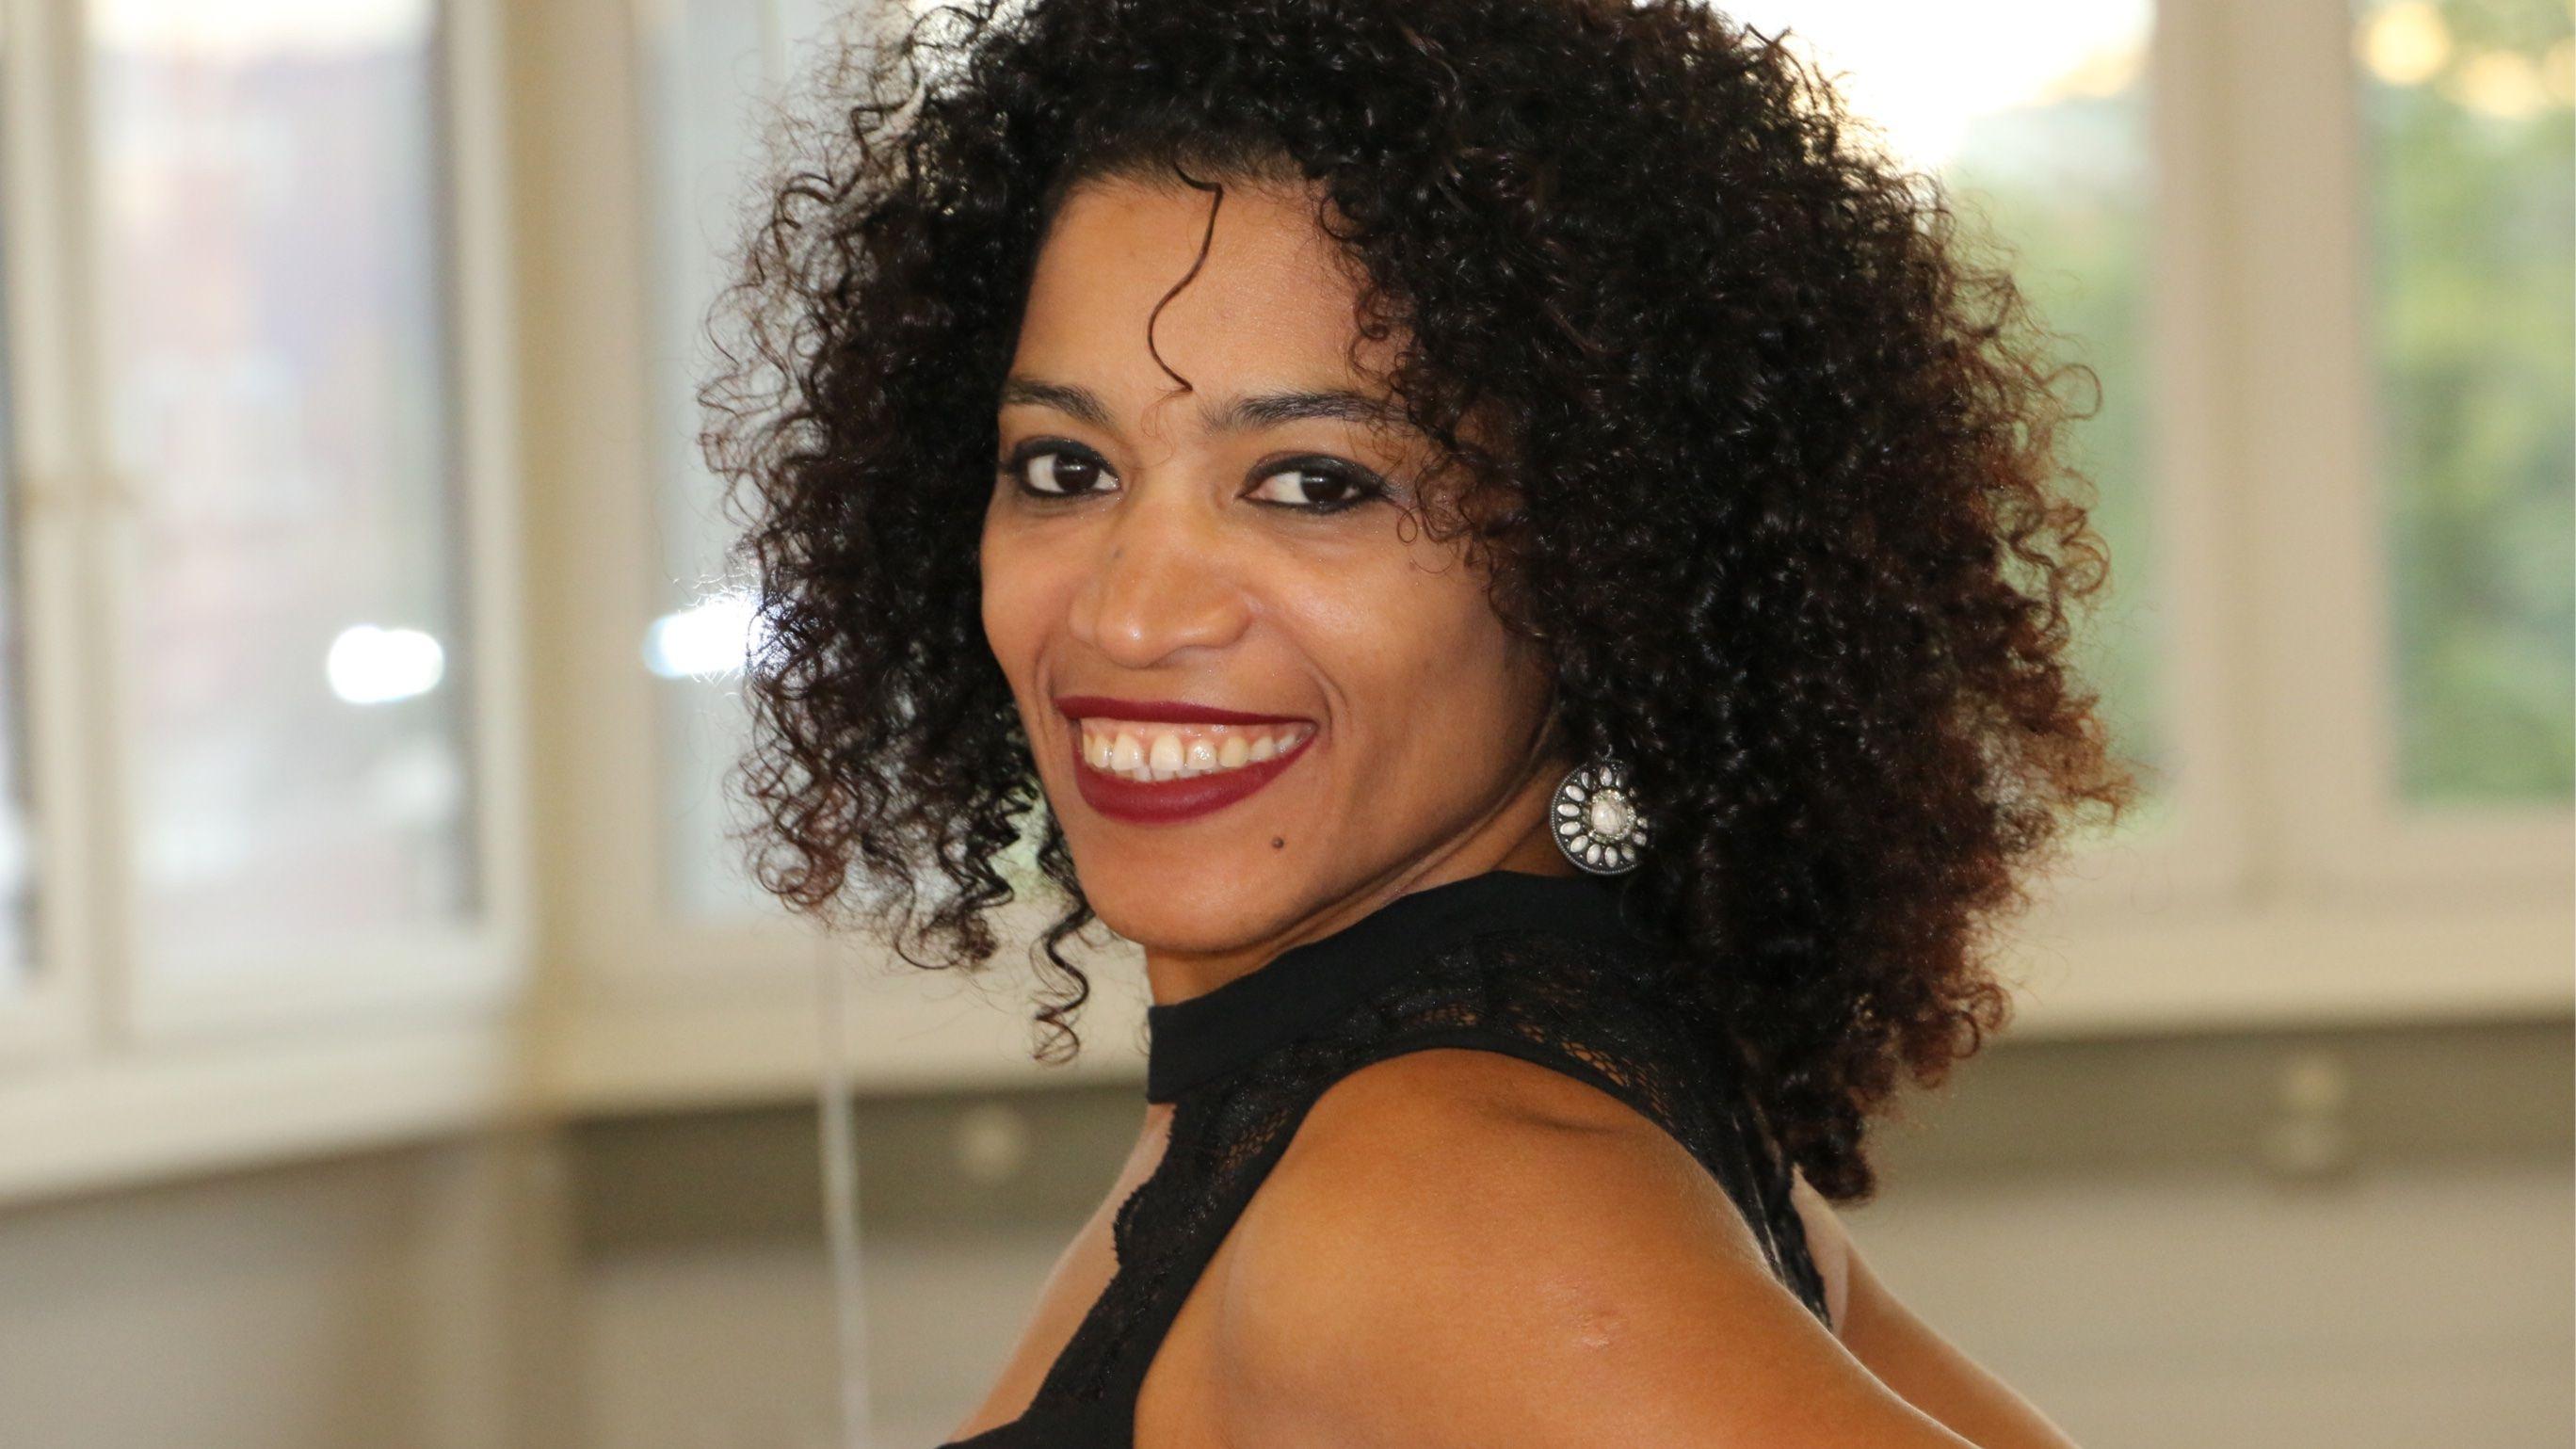 Gratis Tanz-Schnupperwoche (Salsa, Bachata, Latin, Cuban Dance, Dance Fit)